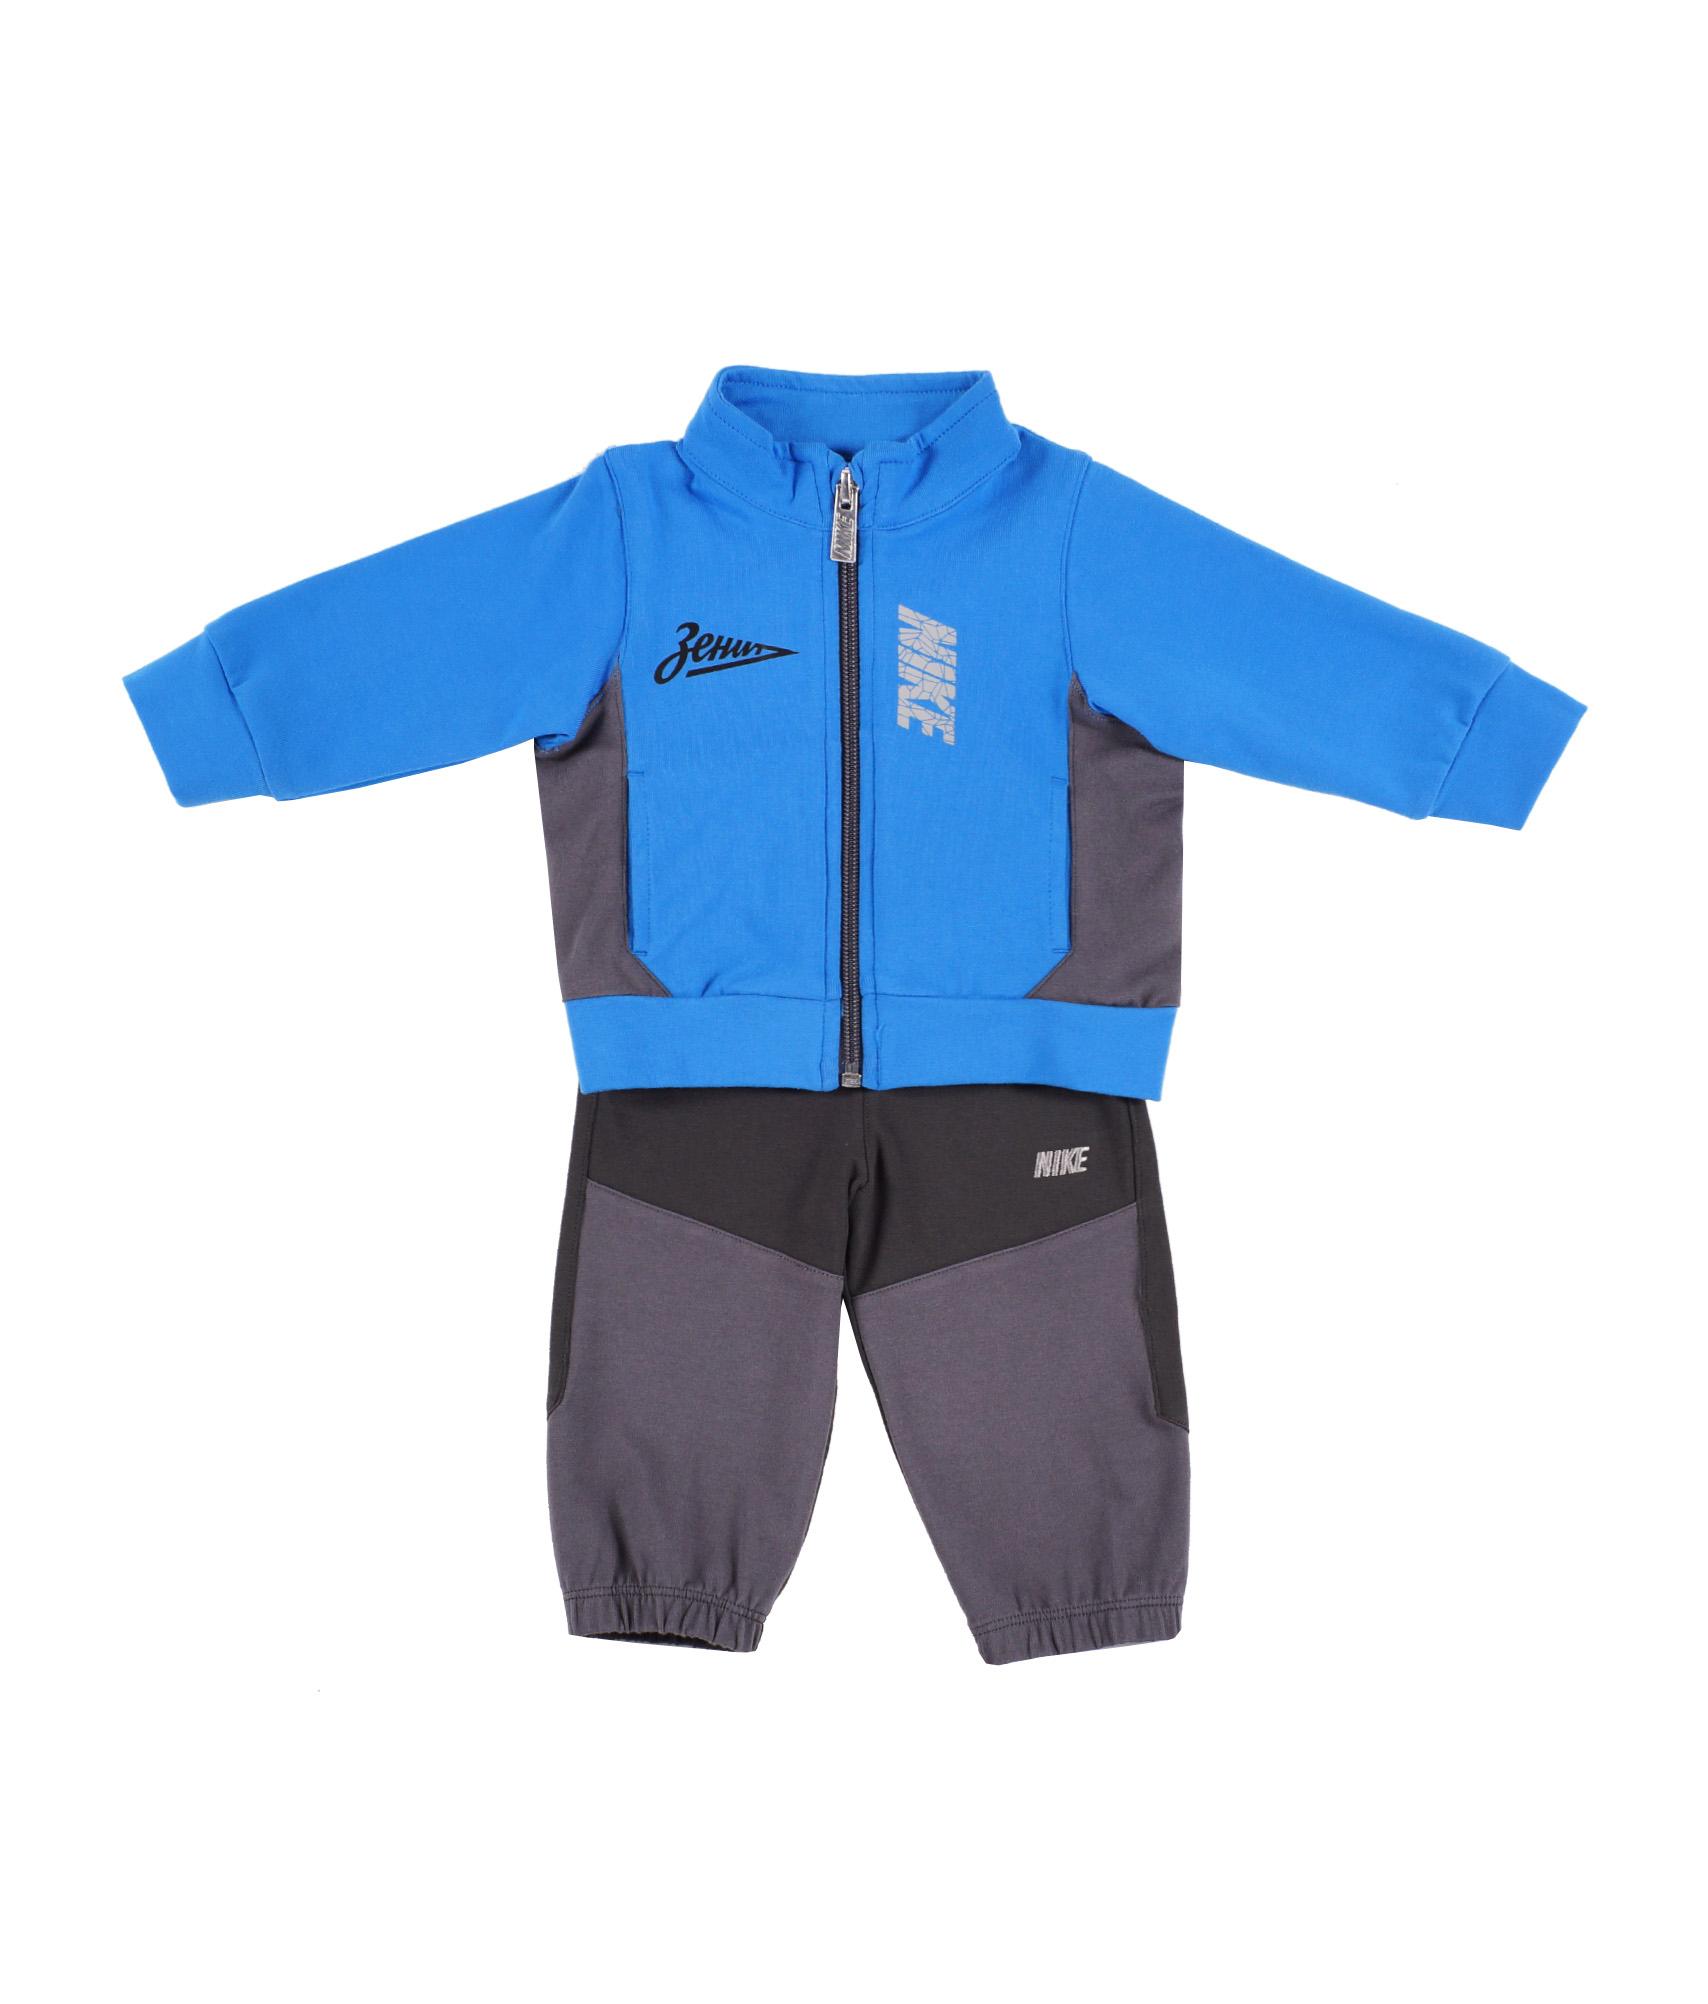 Костюм для малышей Nike MOD SP J CREW WARM UP , Цвет-Синий, Размер-9-12